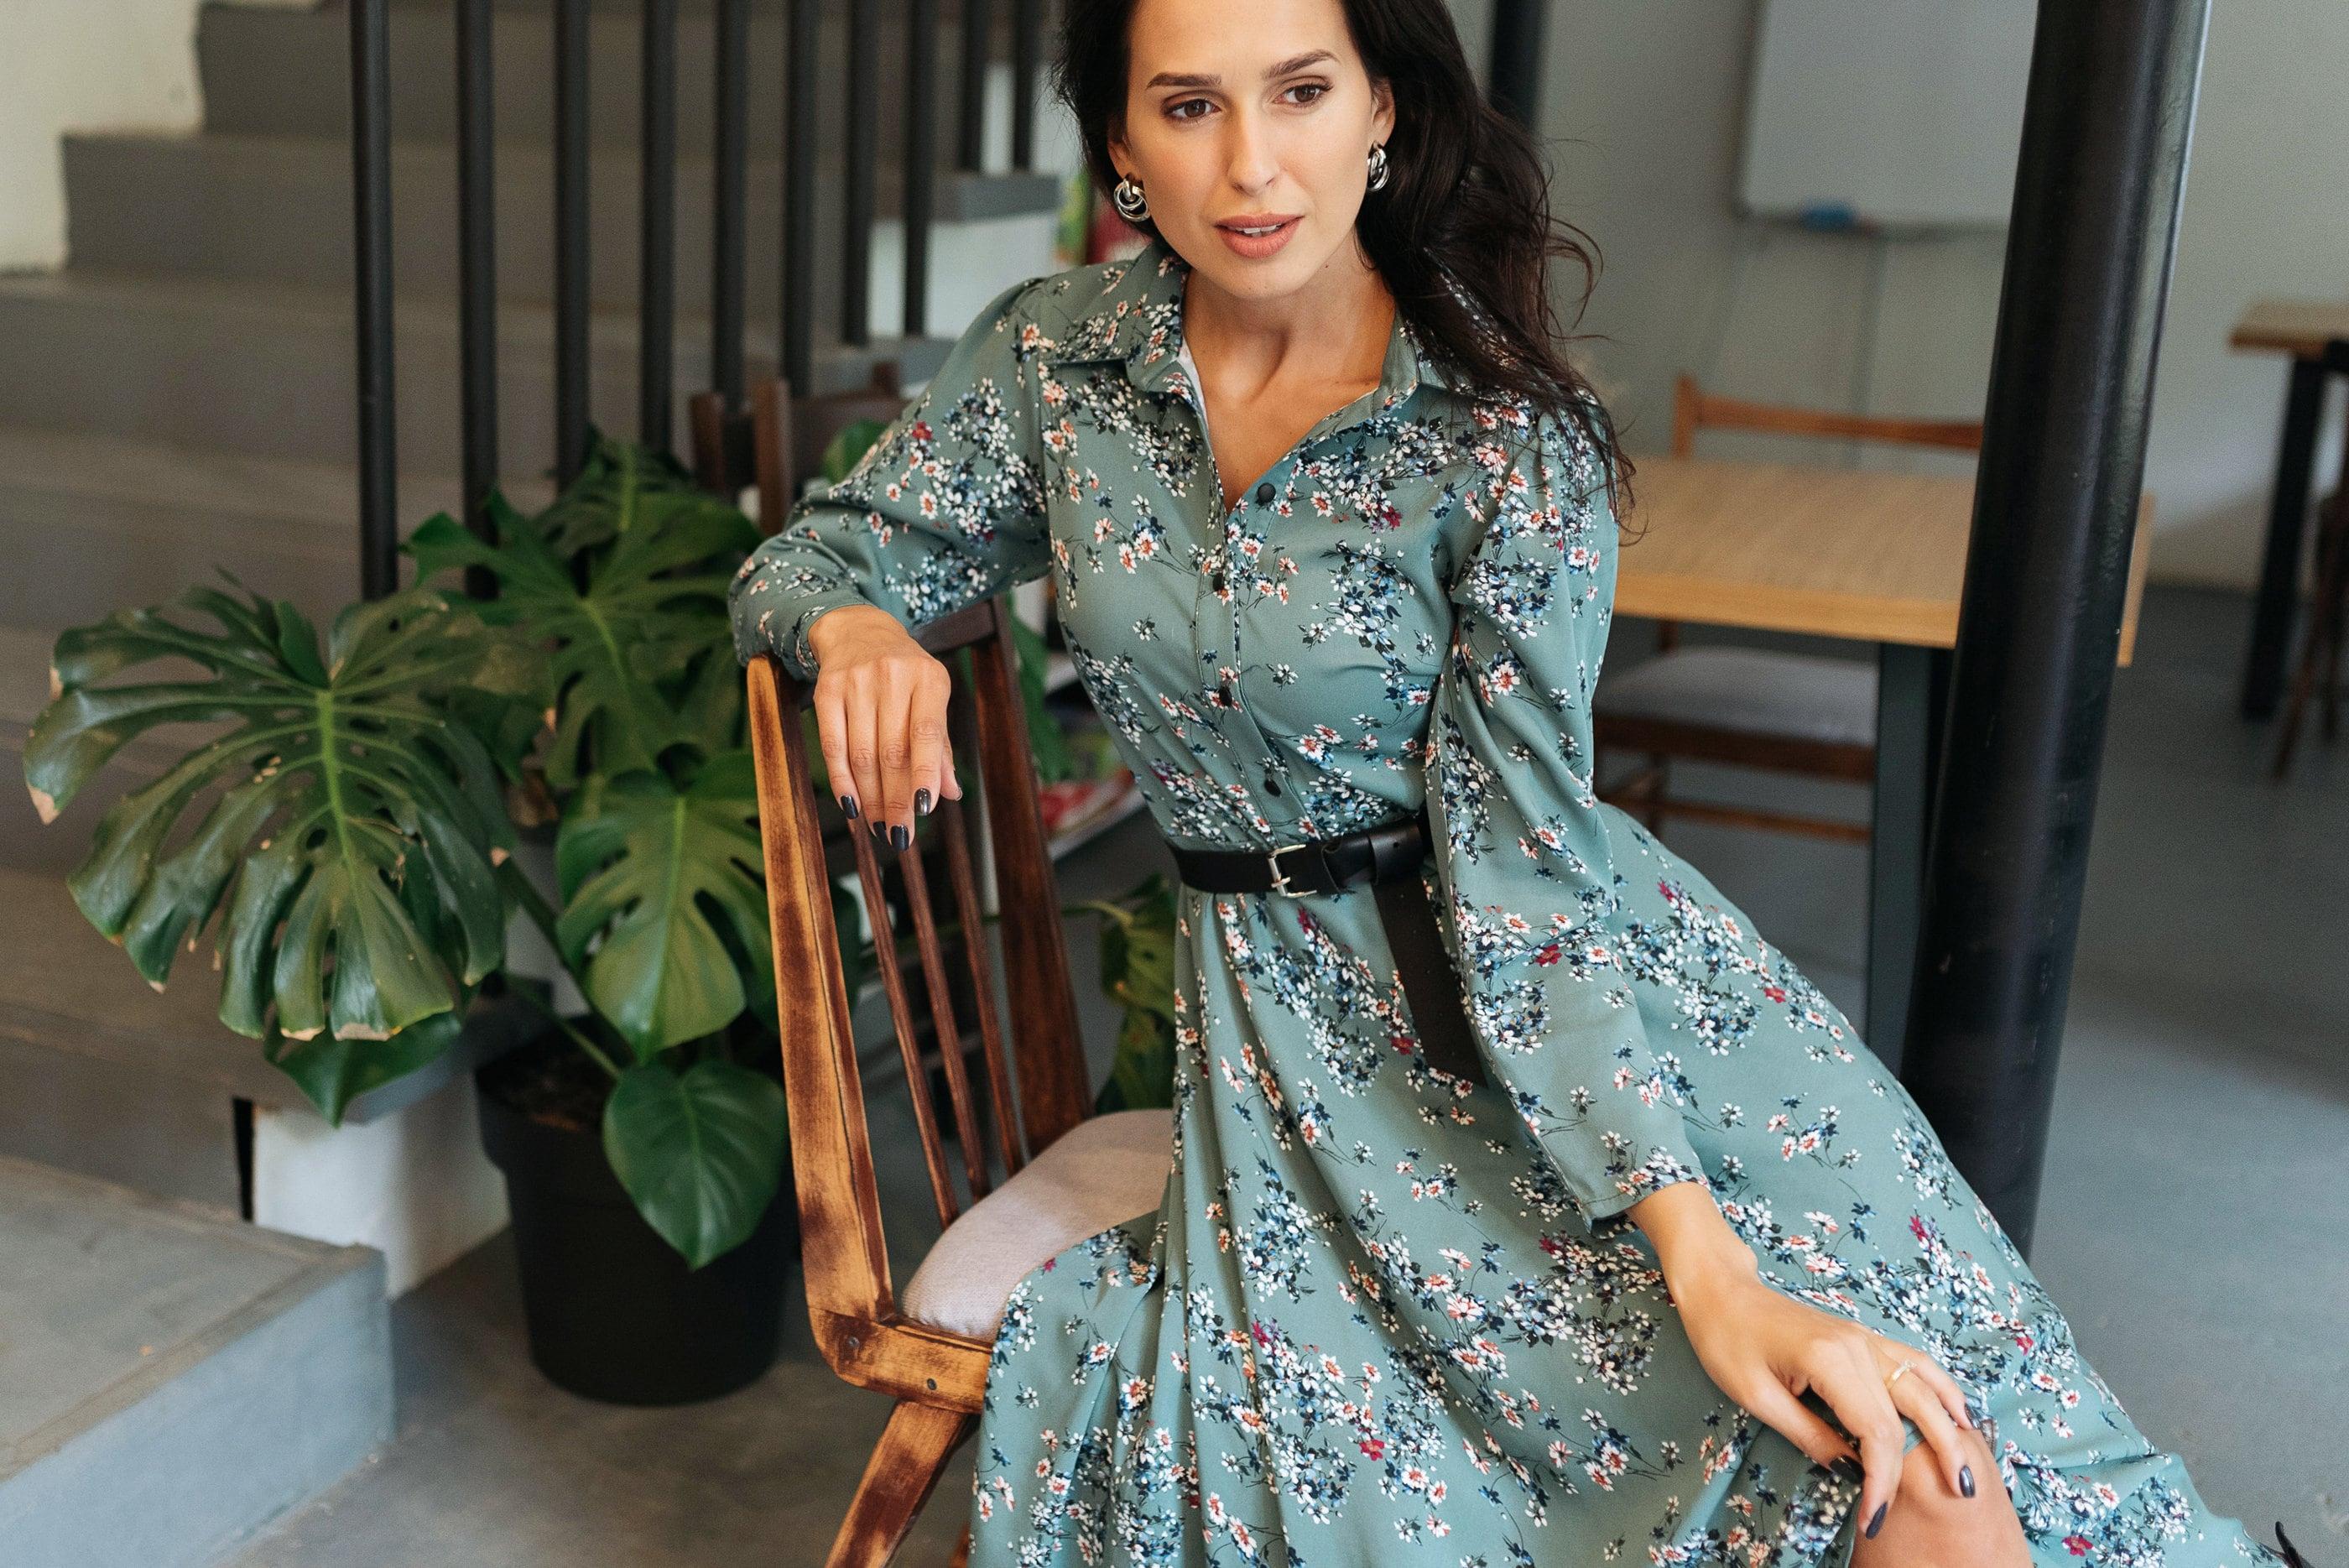 türkis langarm midi shirtwaist kleid in floralen druck | etsy